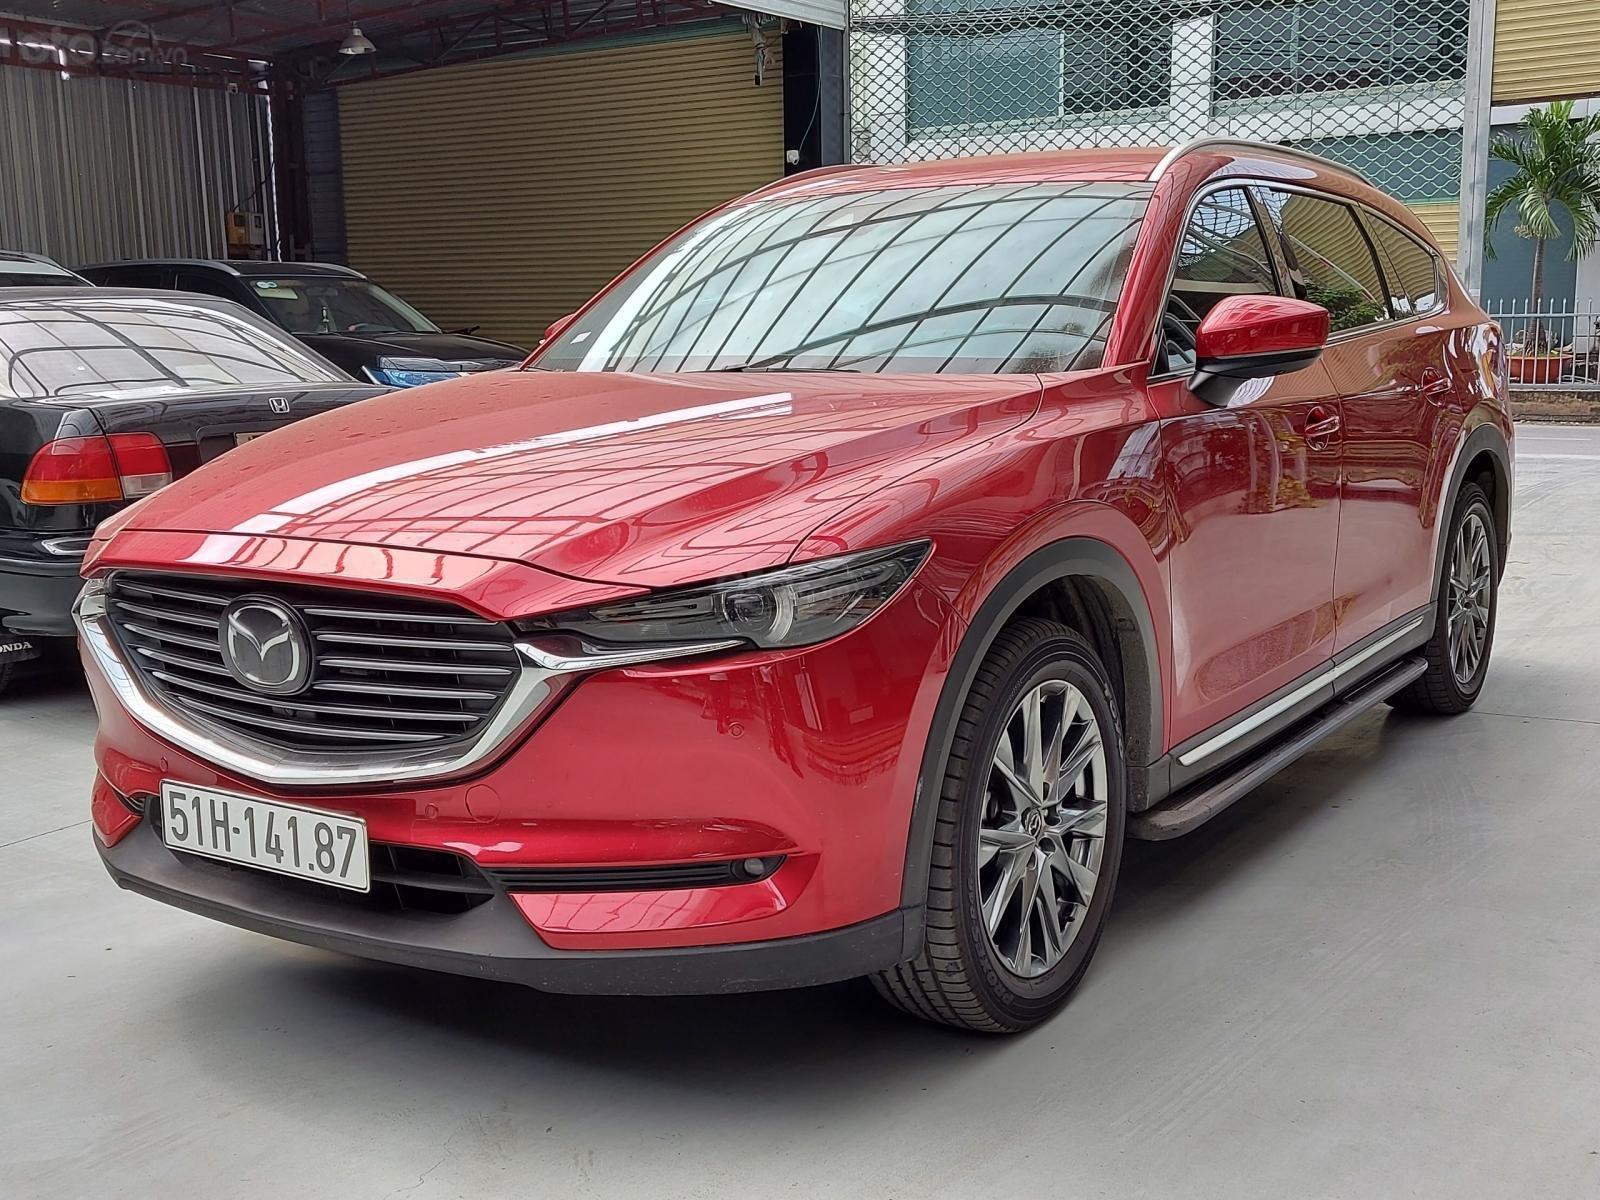 Bán xe Mazda Cx8 2.5 màu đỏ siêu đẹp, 9000km, trả góp chỉ 406 triệu (3)